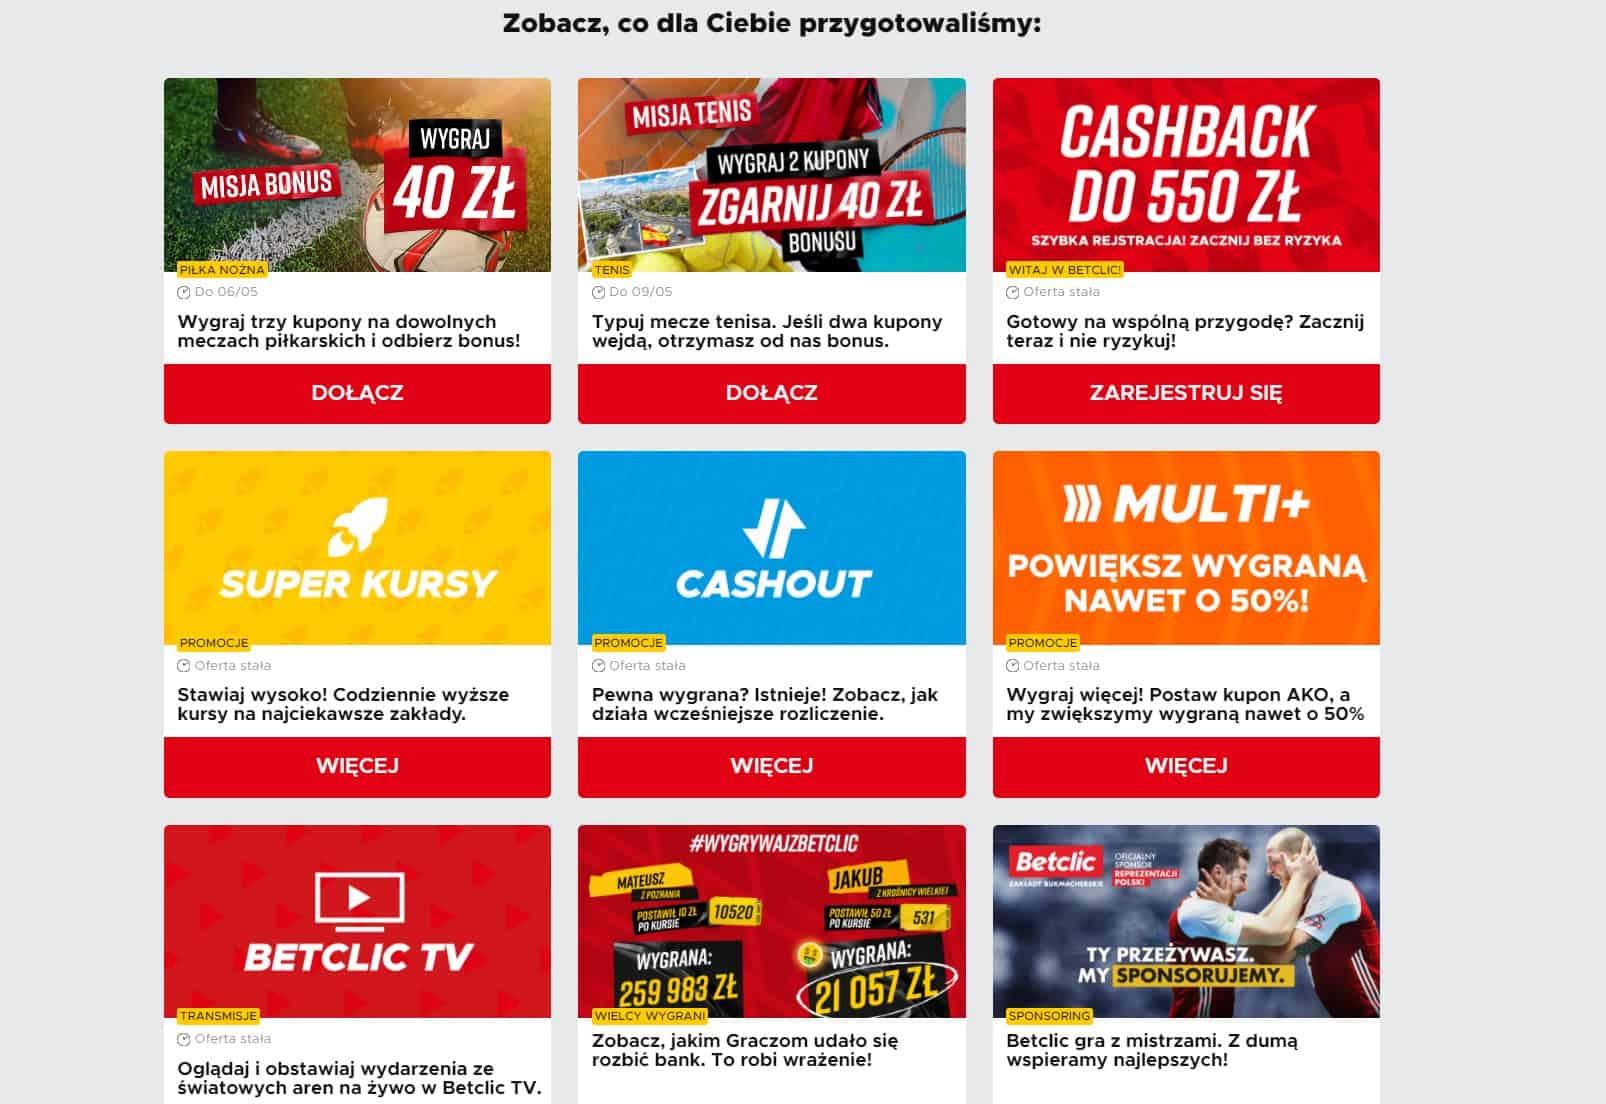 Betclic bonus powitalny 550 PLN. Cashback ze specjalnym kodem promocyjnym!